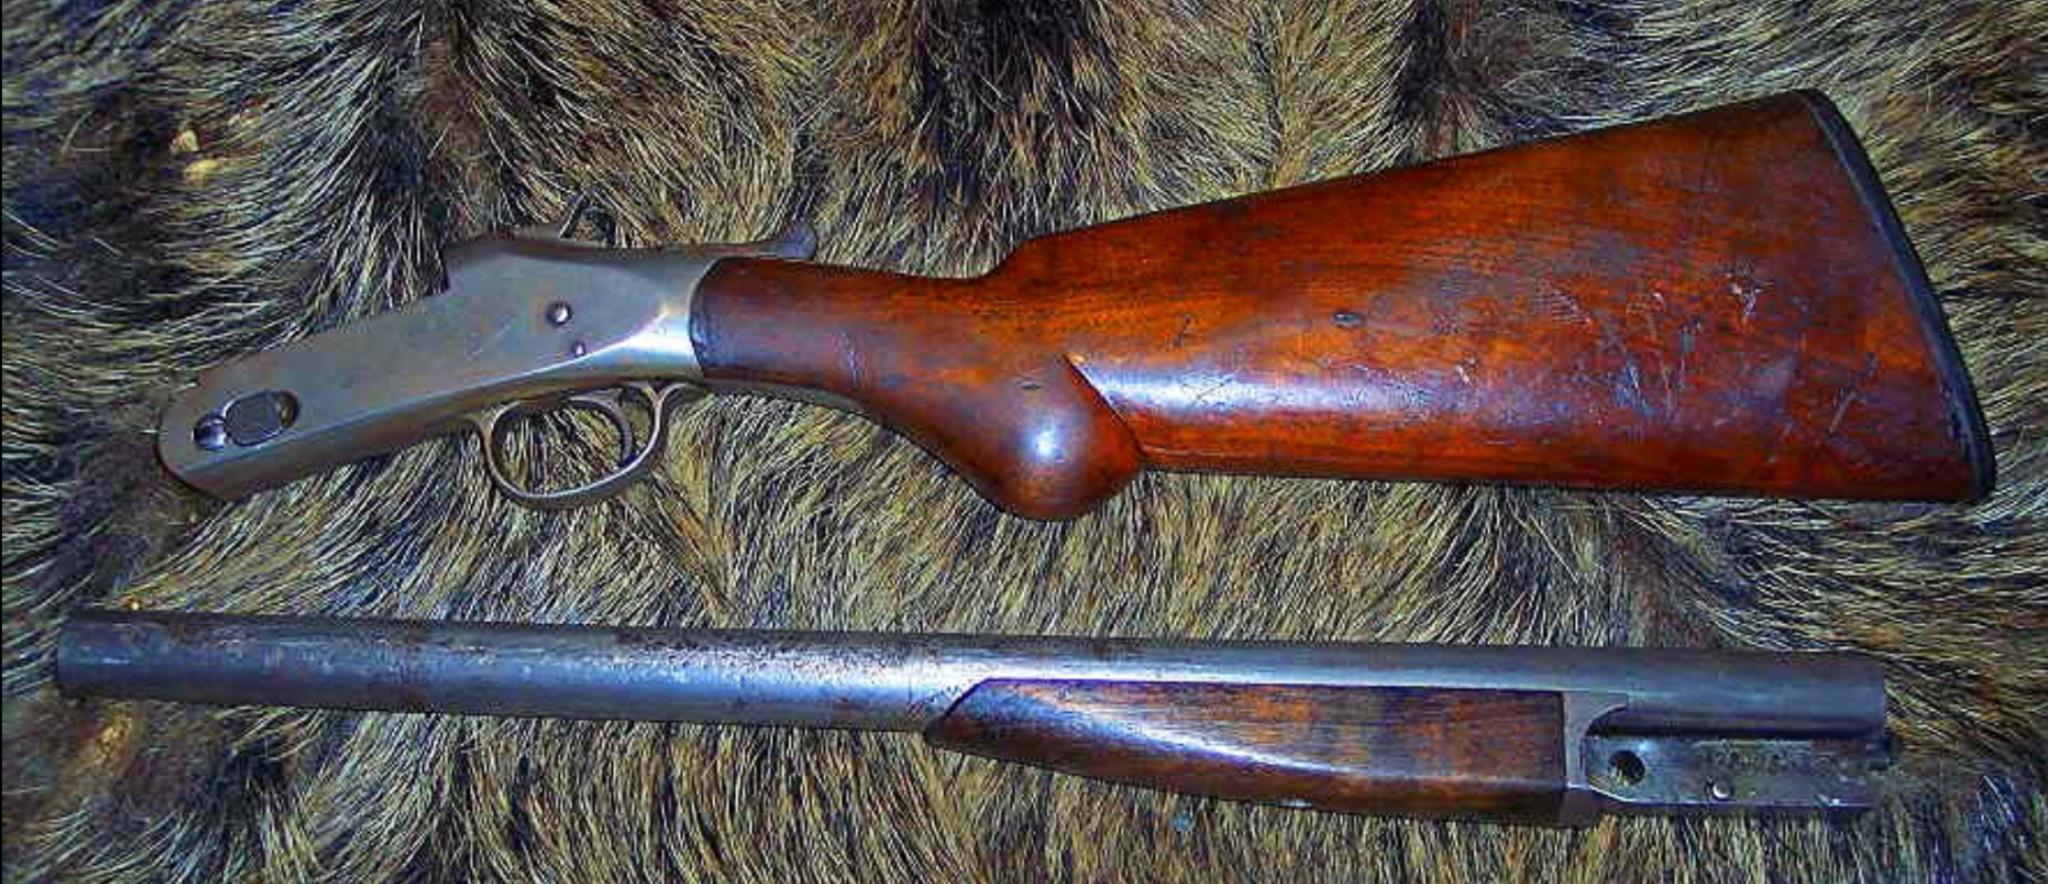 H&R 1900 shotgun barrel on modern frame?-2067741b-78d2-492d-bd81-42b7408c6686_1575898532494.jpeg